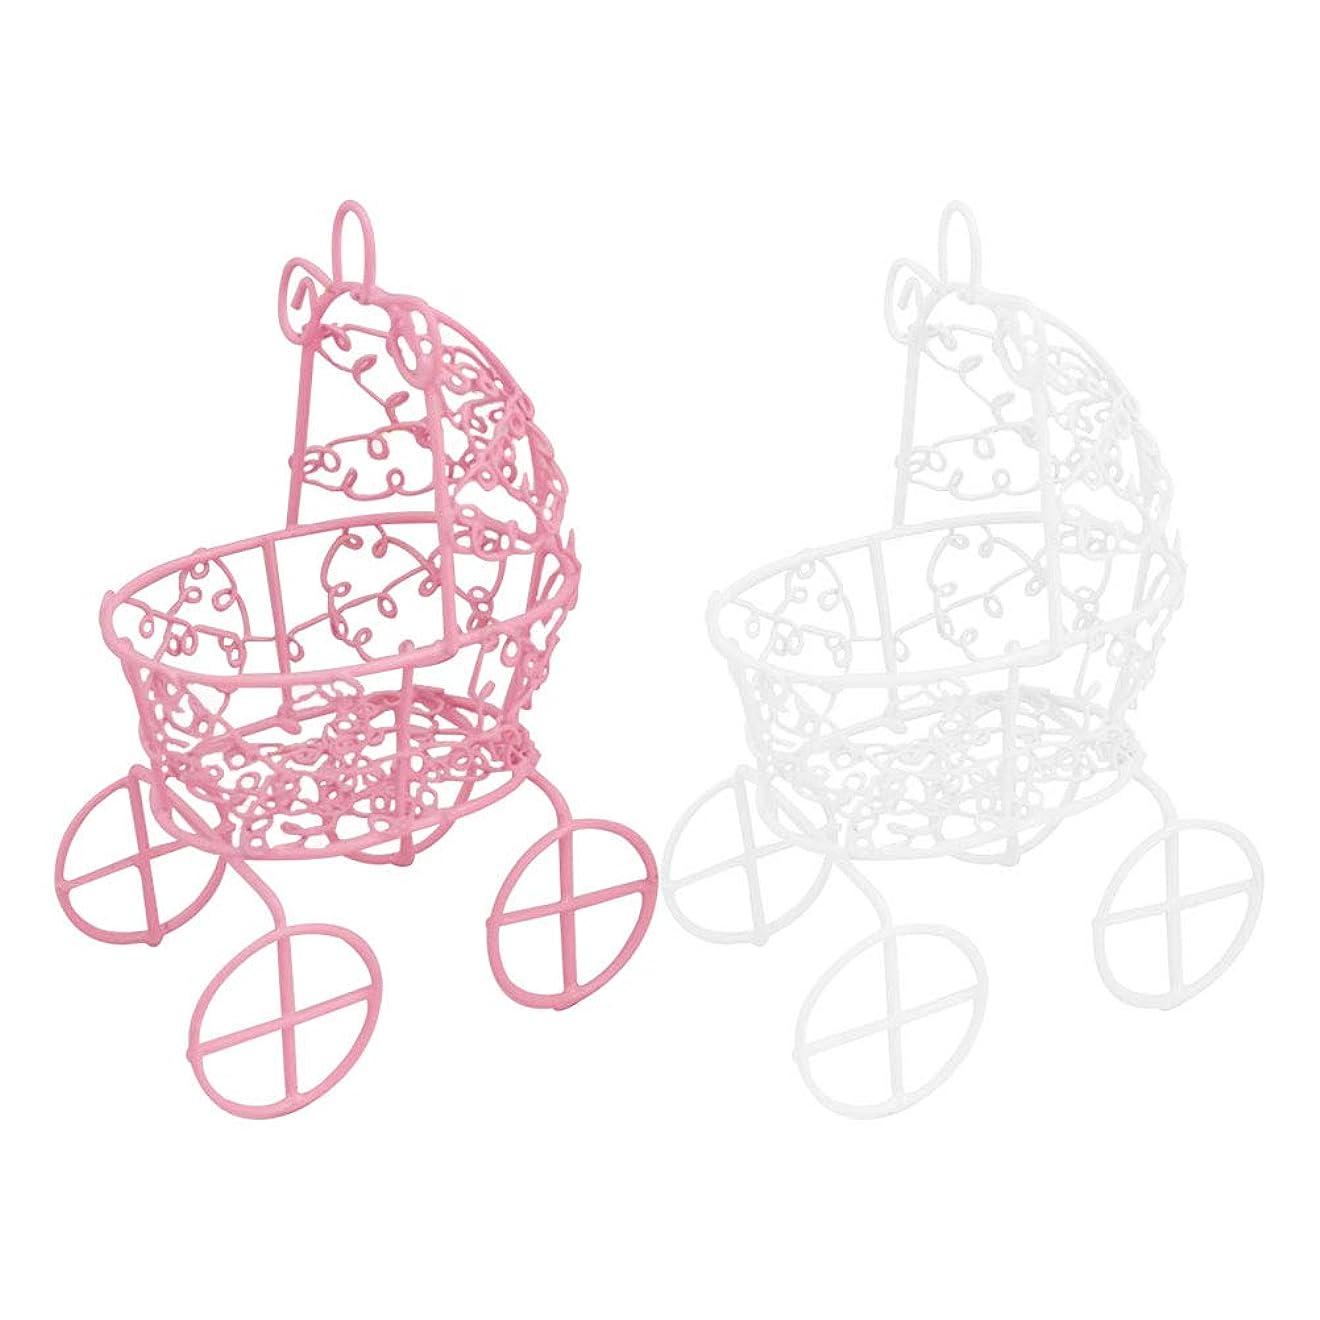 考えたすることになっているボイラーFrcolor メイクスポンジスタンド パフホルダー パフ乾燥用スタンド 化粧用パフ收納 カビ防止 小型軽量 2色セット(ピンク+ホワイト)